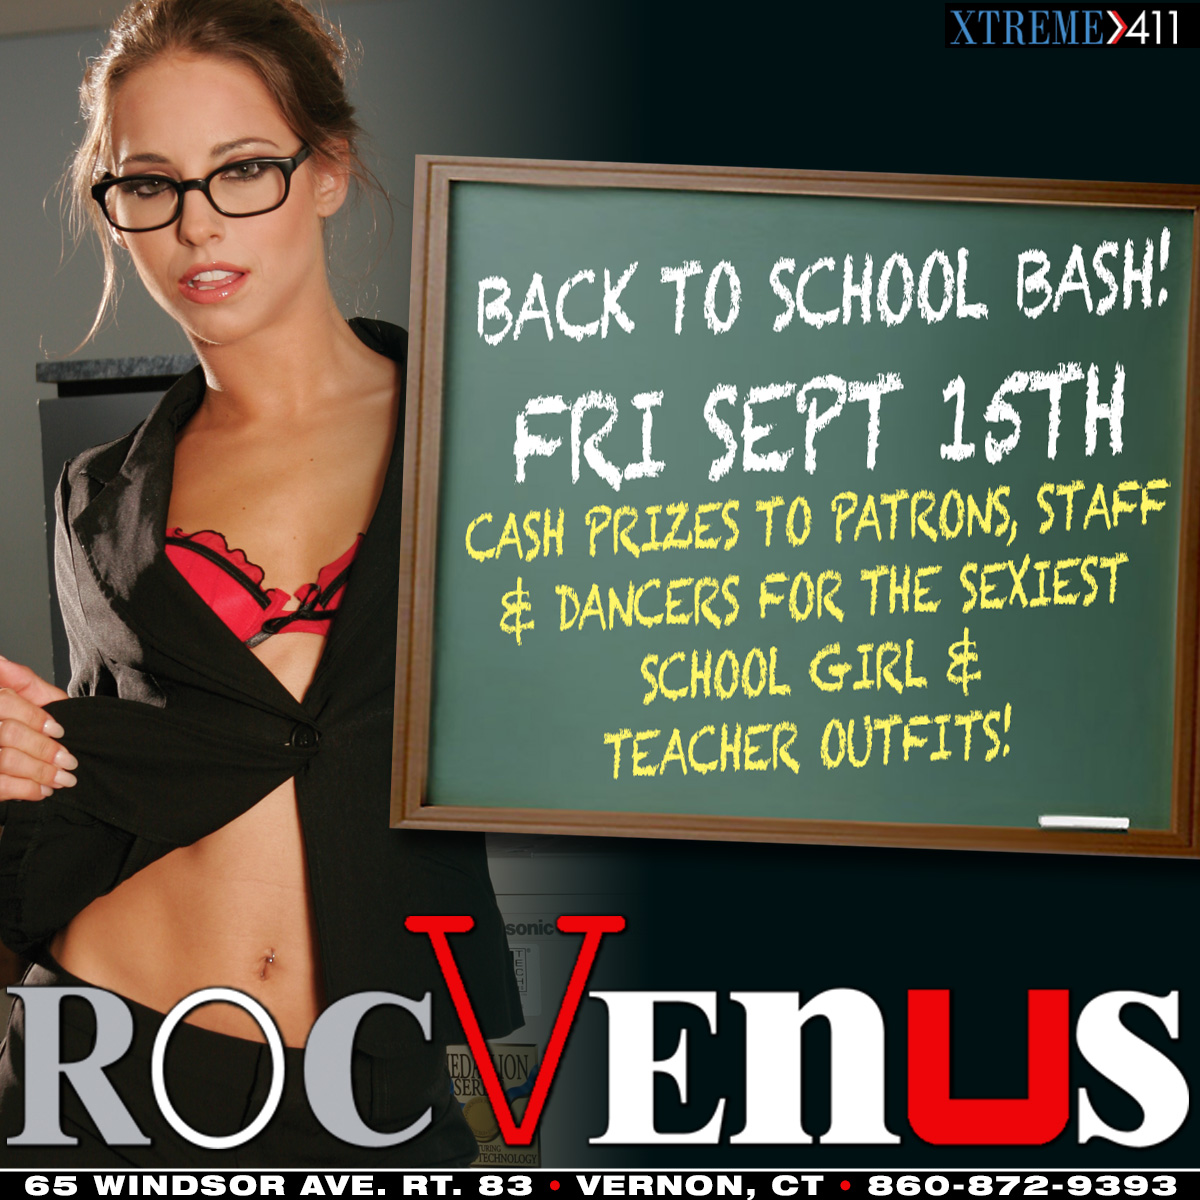 Back to School Bash| RocVenus Strip Club Connecticut